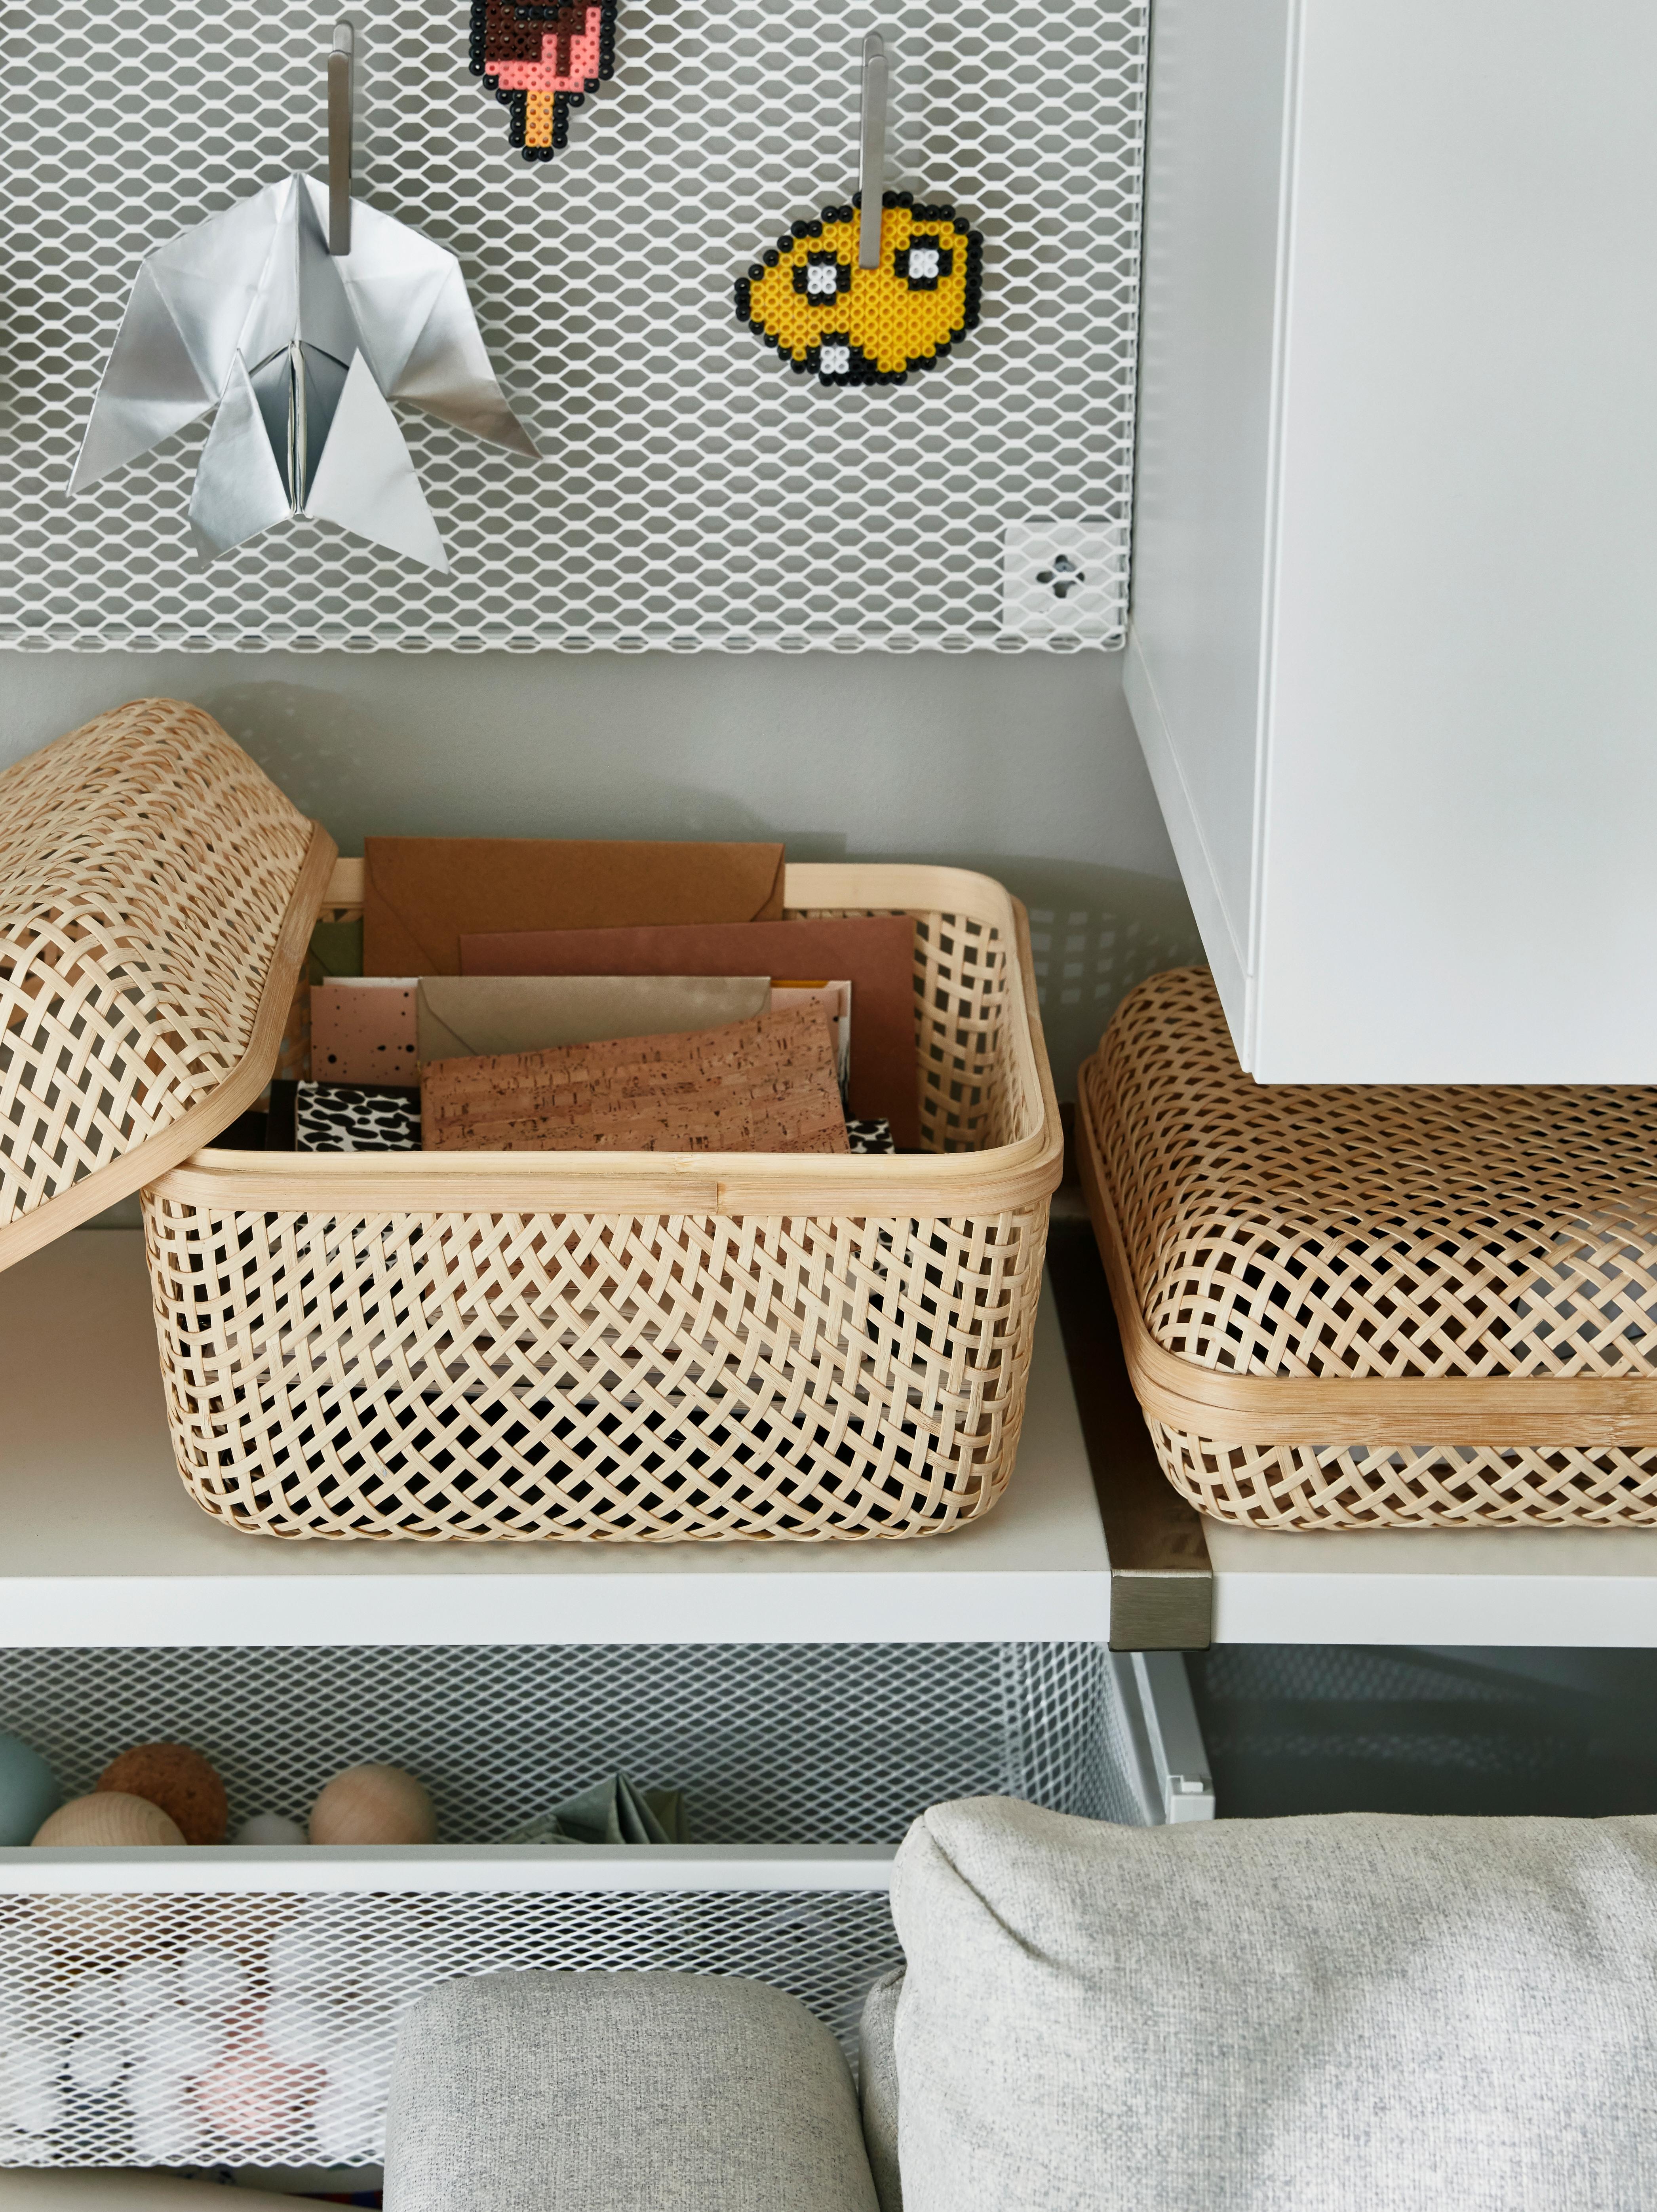 SMARRA kutija od tkanog bambusa s poklopcem nalazi se na polici pored odgovarajuće kutije druge veličine. Poklopac je skinut, a bilježnice su unutra.